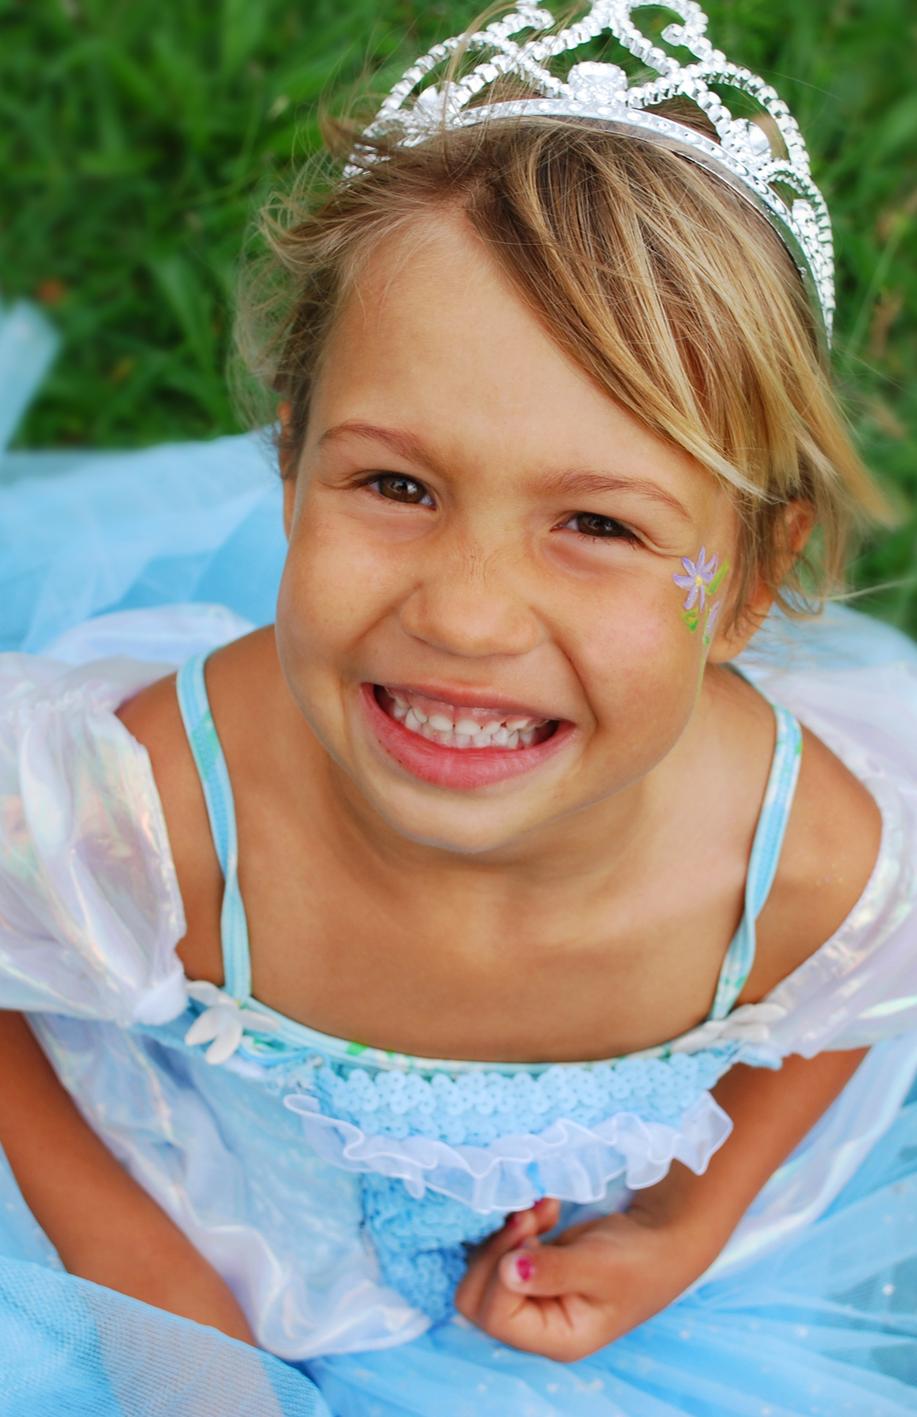 Princess Face Painting - image via iStock